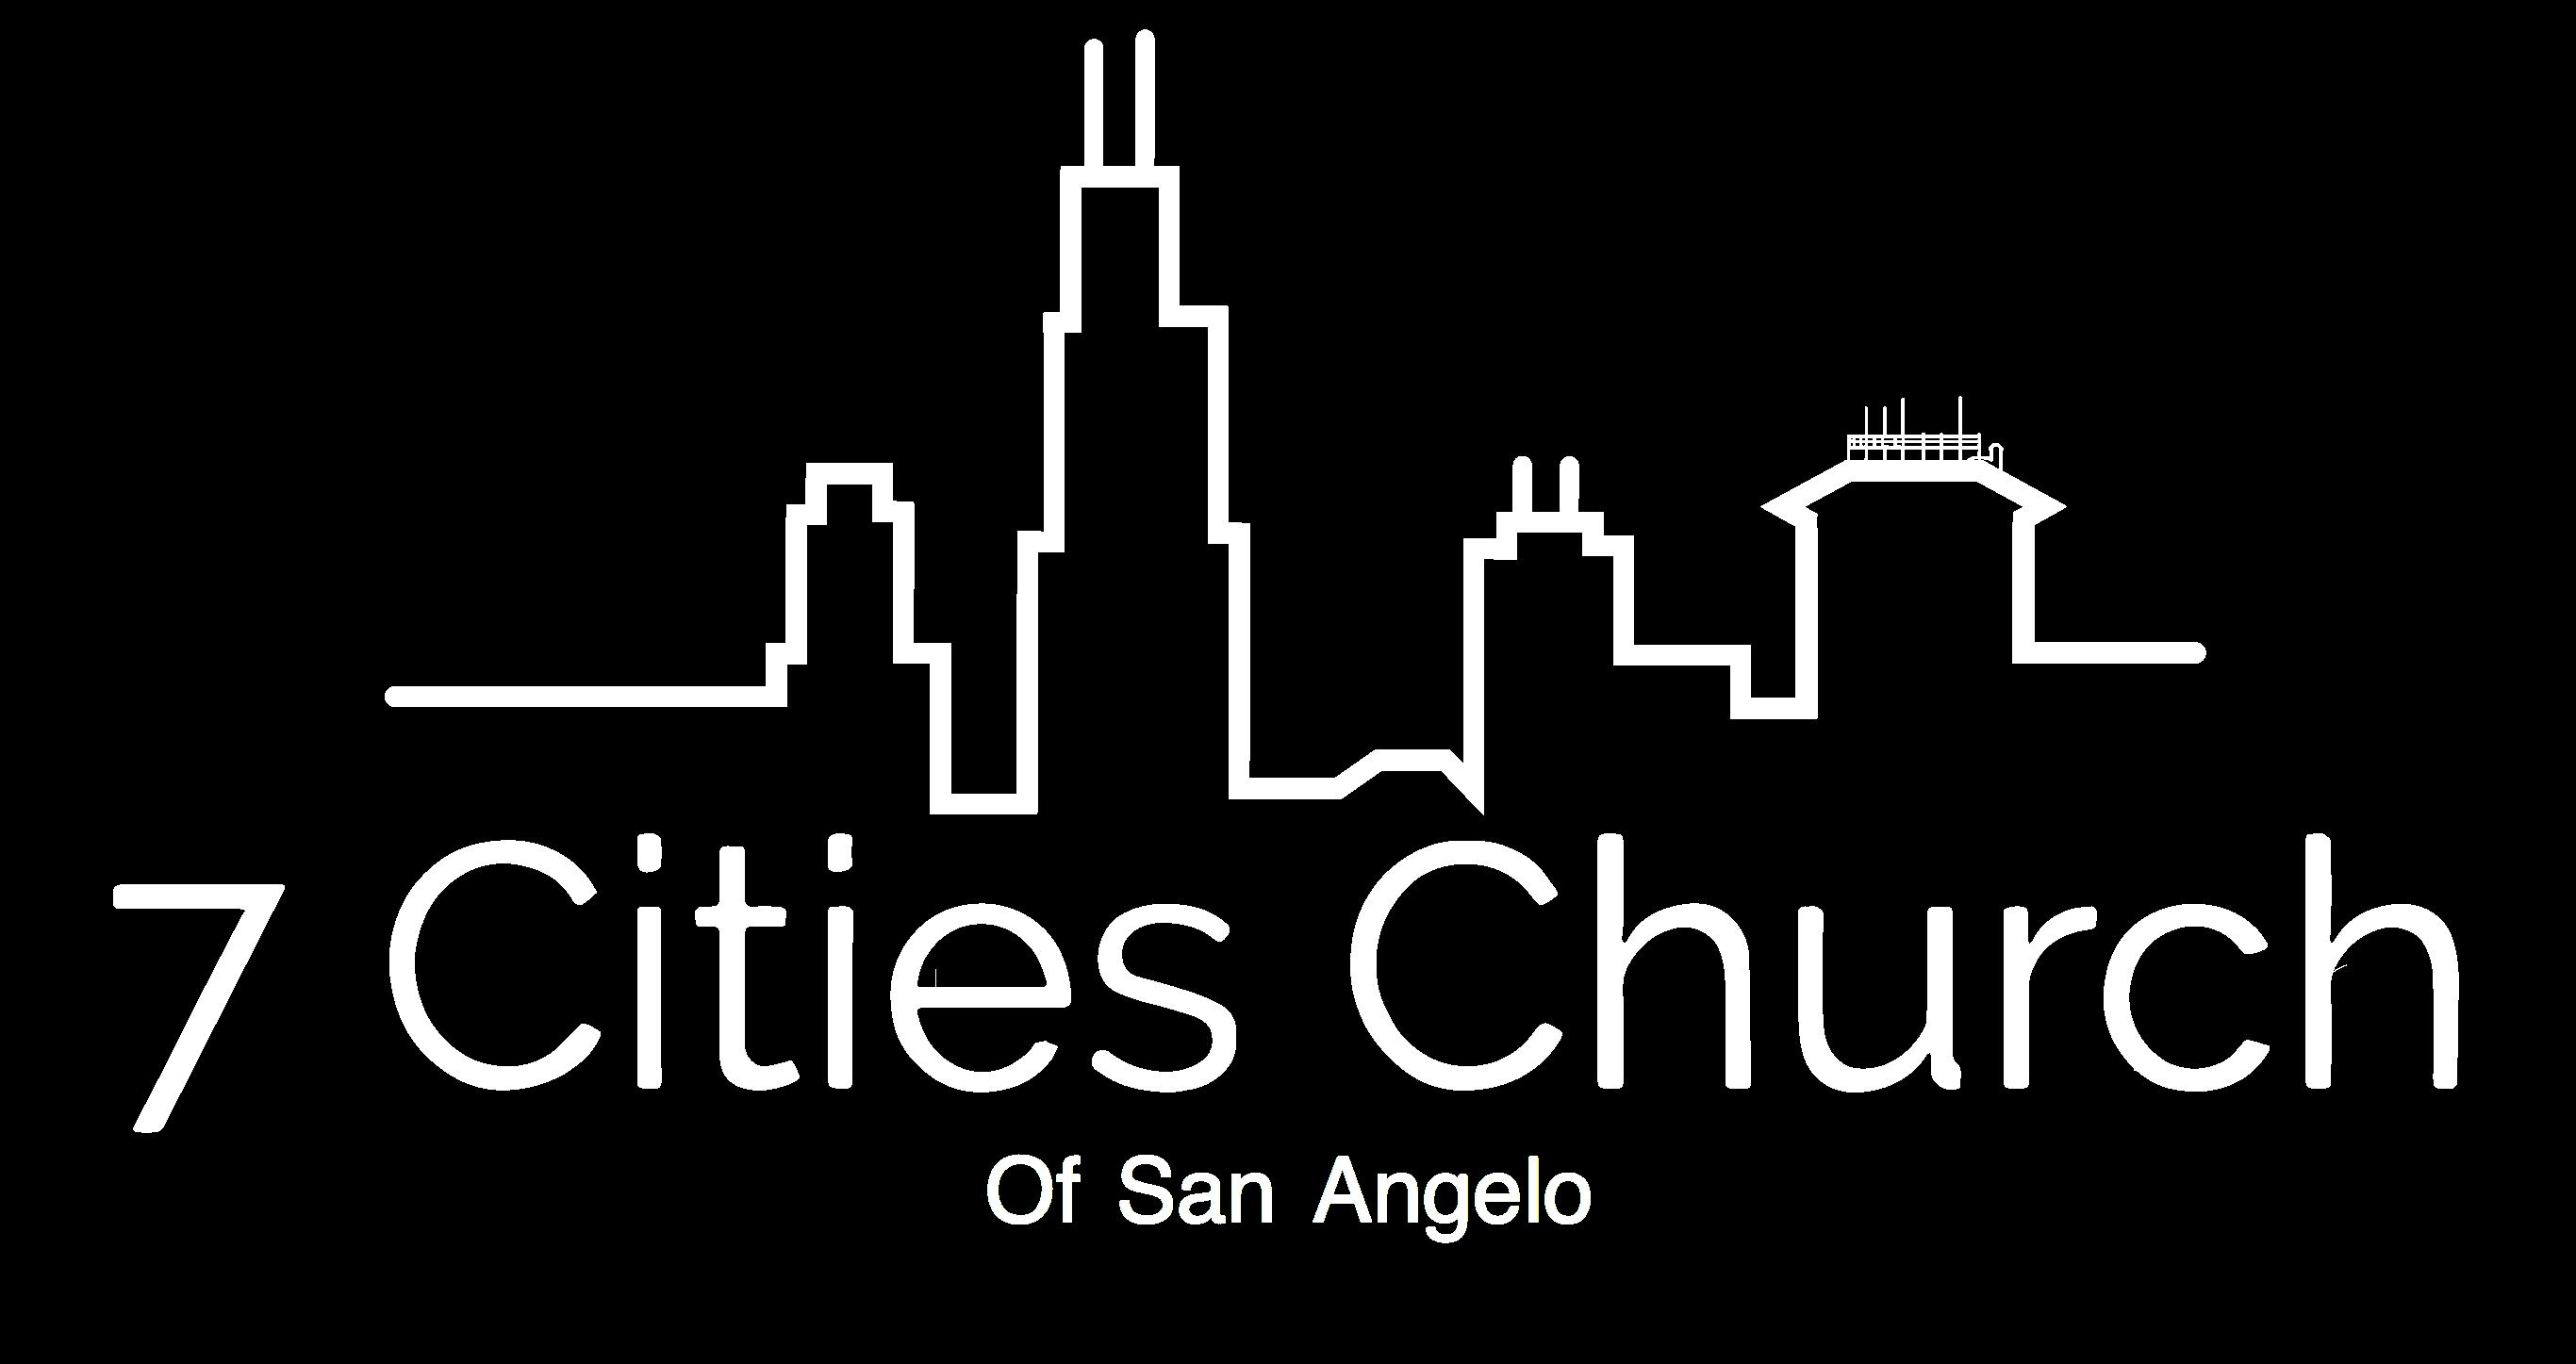 seven cities church of san angelo logo